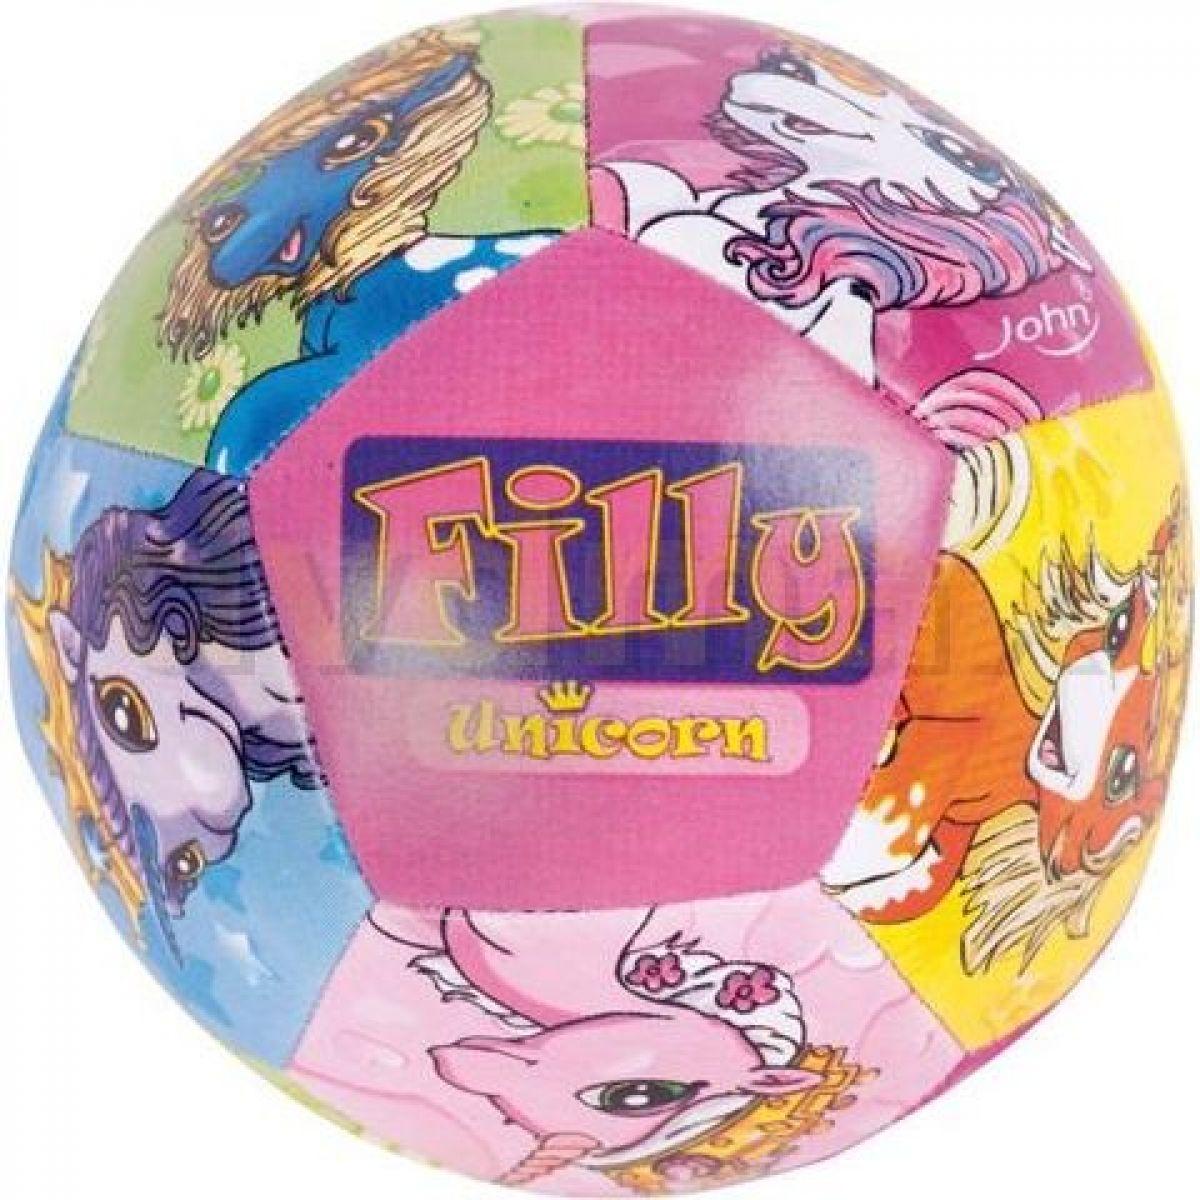 Měkký míček Filly 10 cm